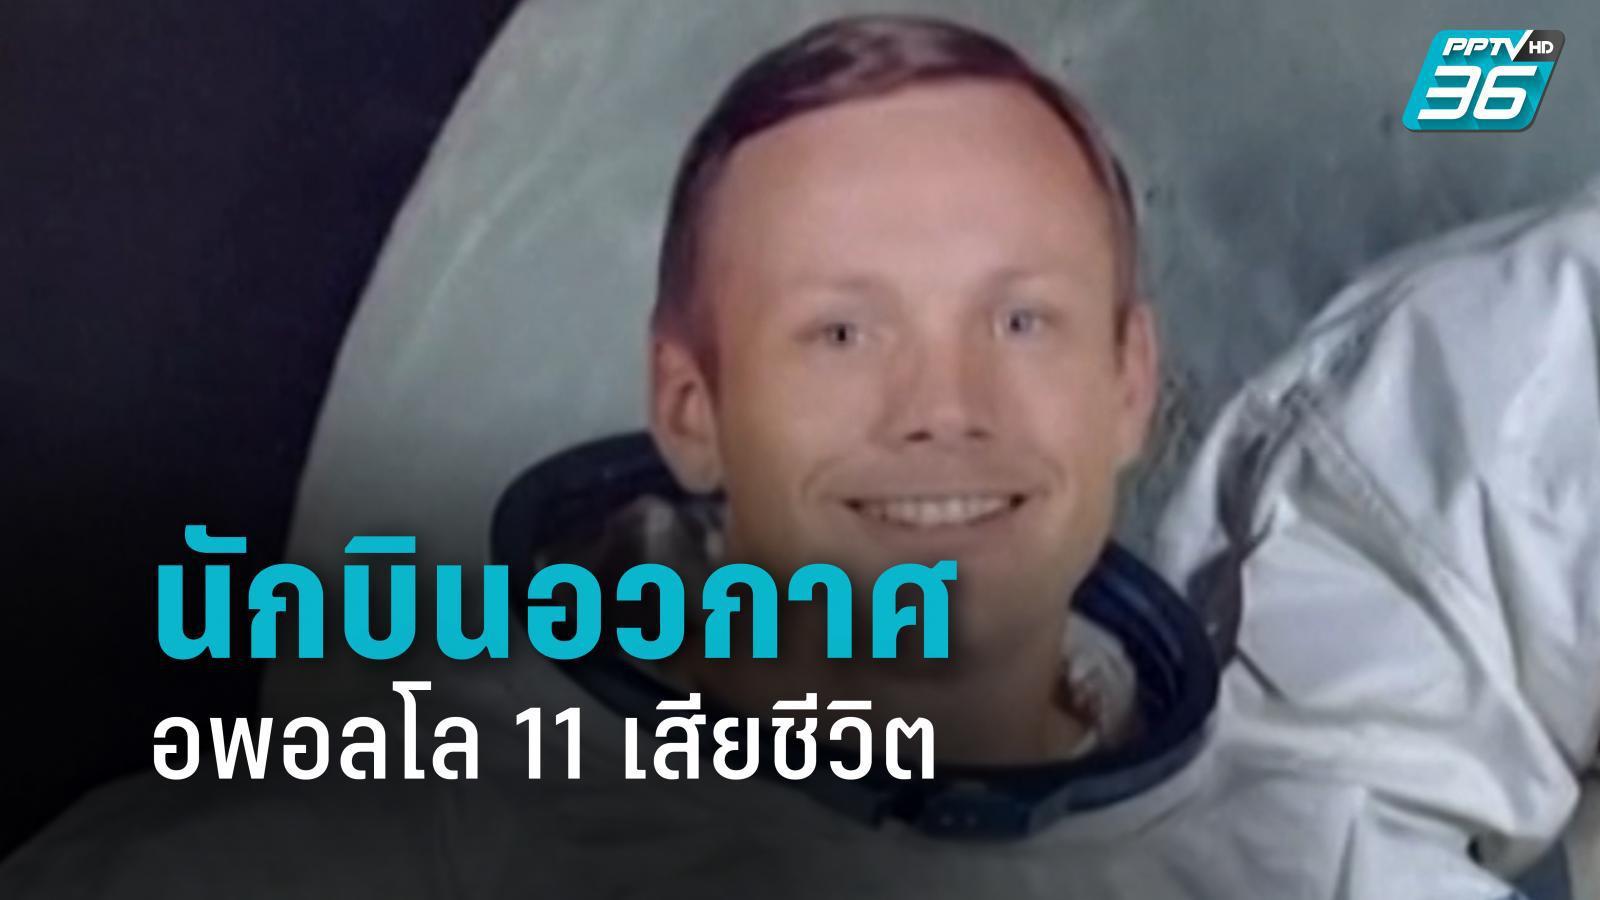 นักบินอวกาศภารกิจอพอลโล 11 เสียชีวิตแล้ว